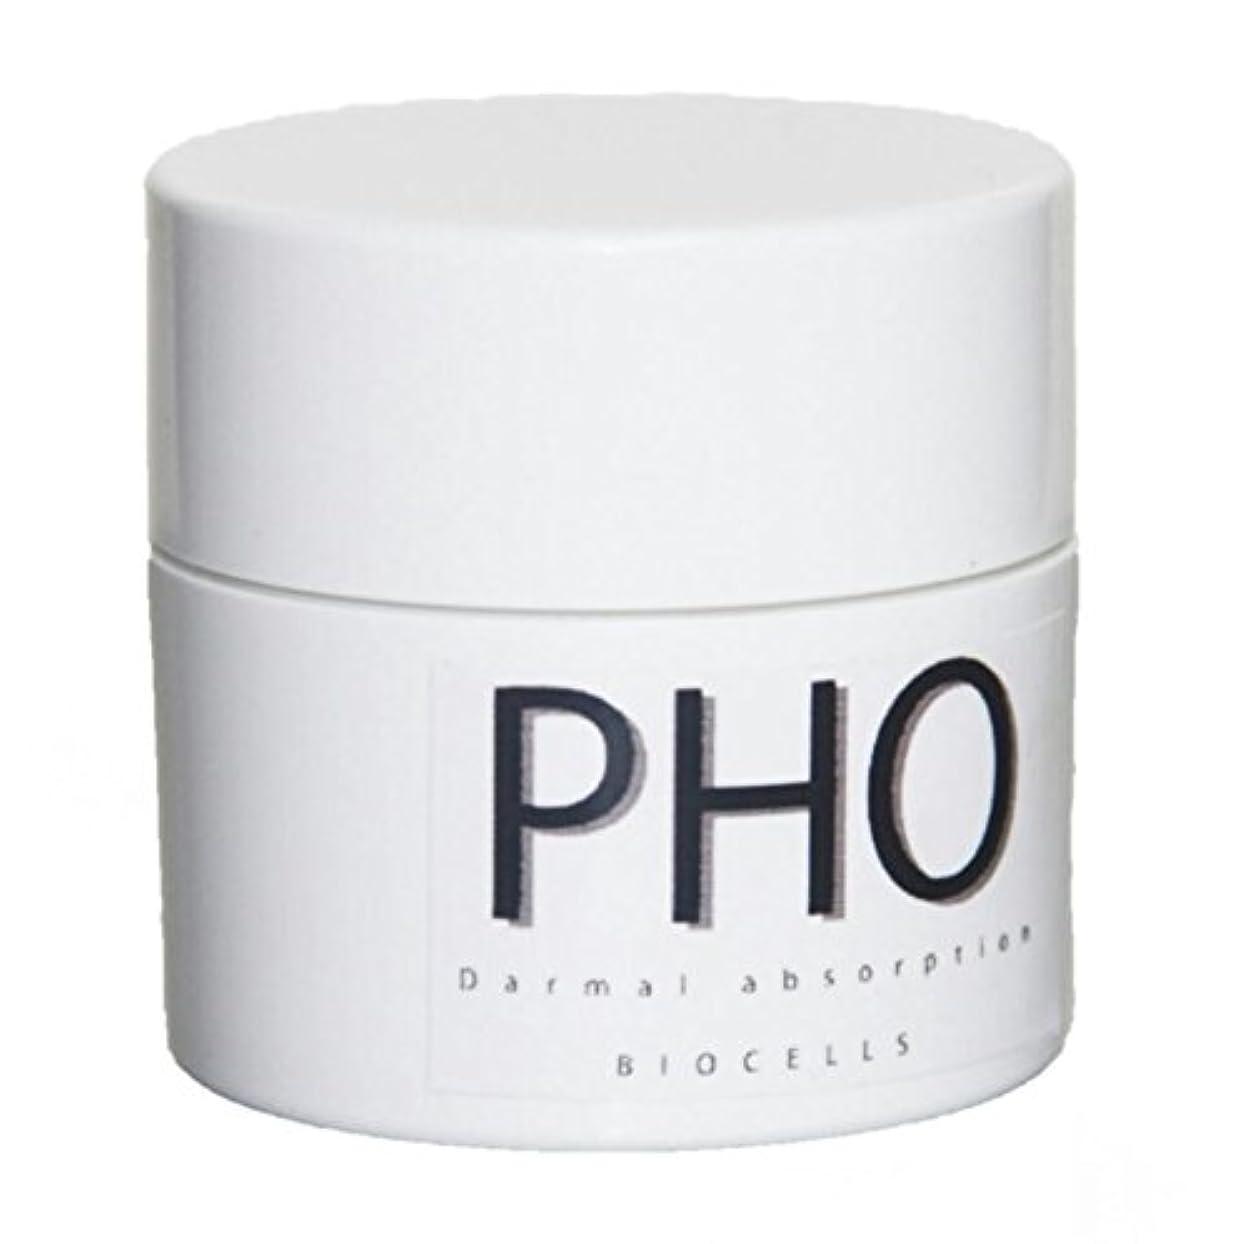 スキッパーバリー銀河PHO ボディケアメソクリーム 50g (香料、着色料不使用)